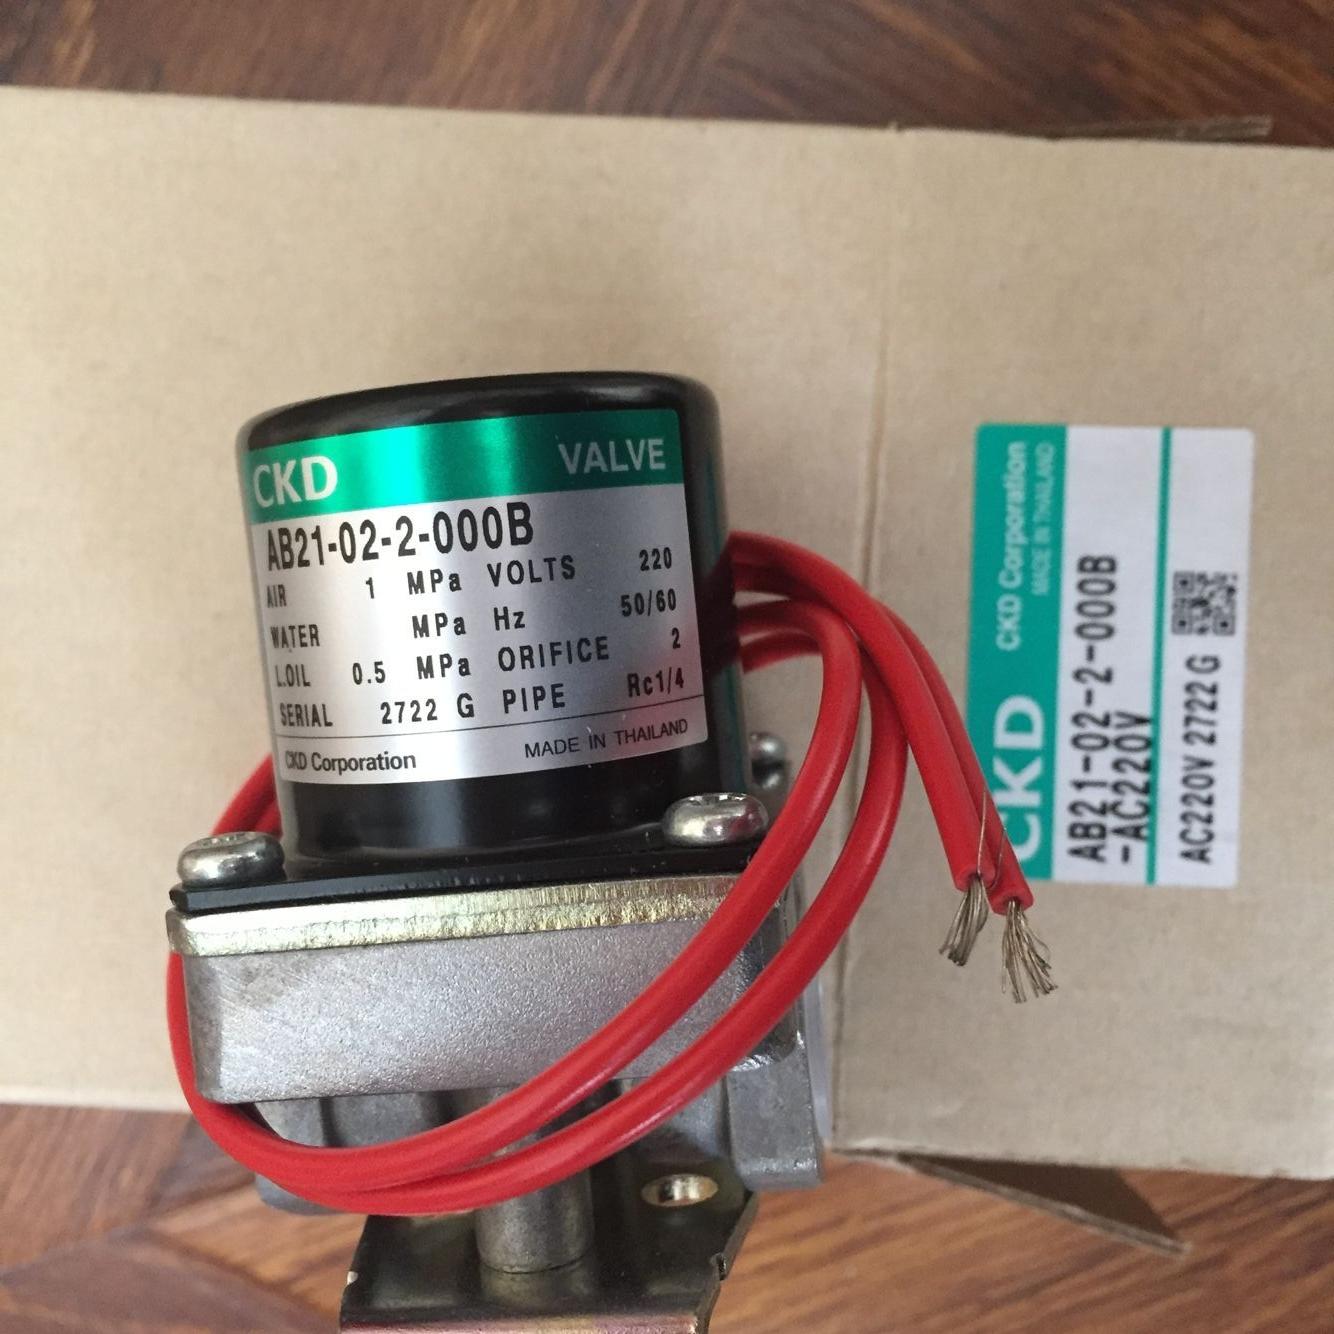 Van điện từ CKD AB21- 02-2-000B-AC220V